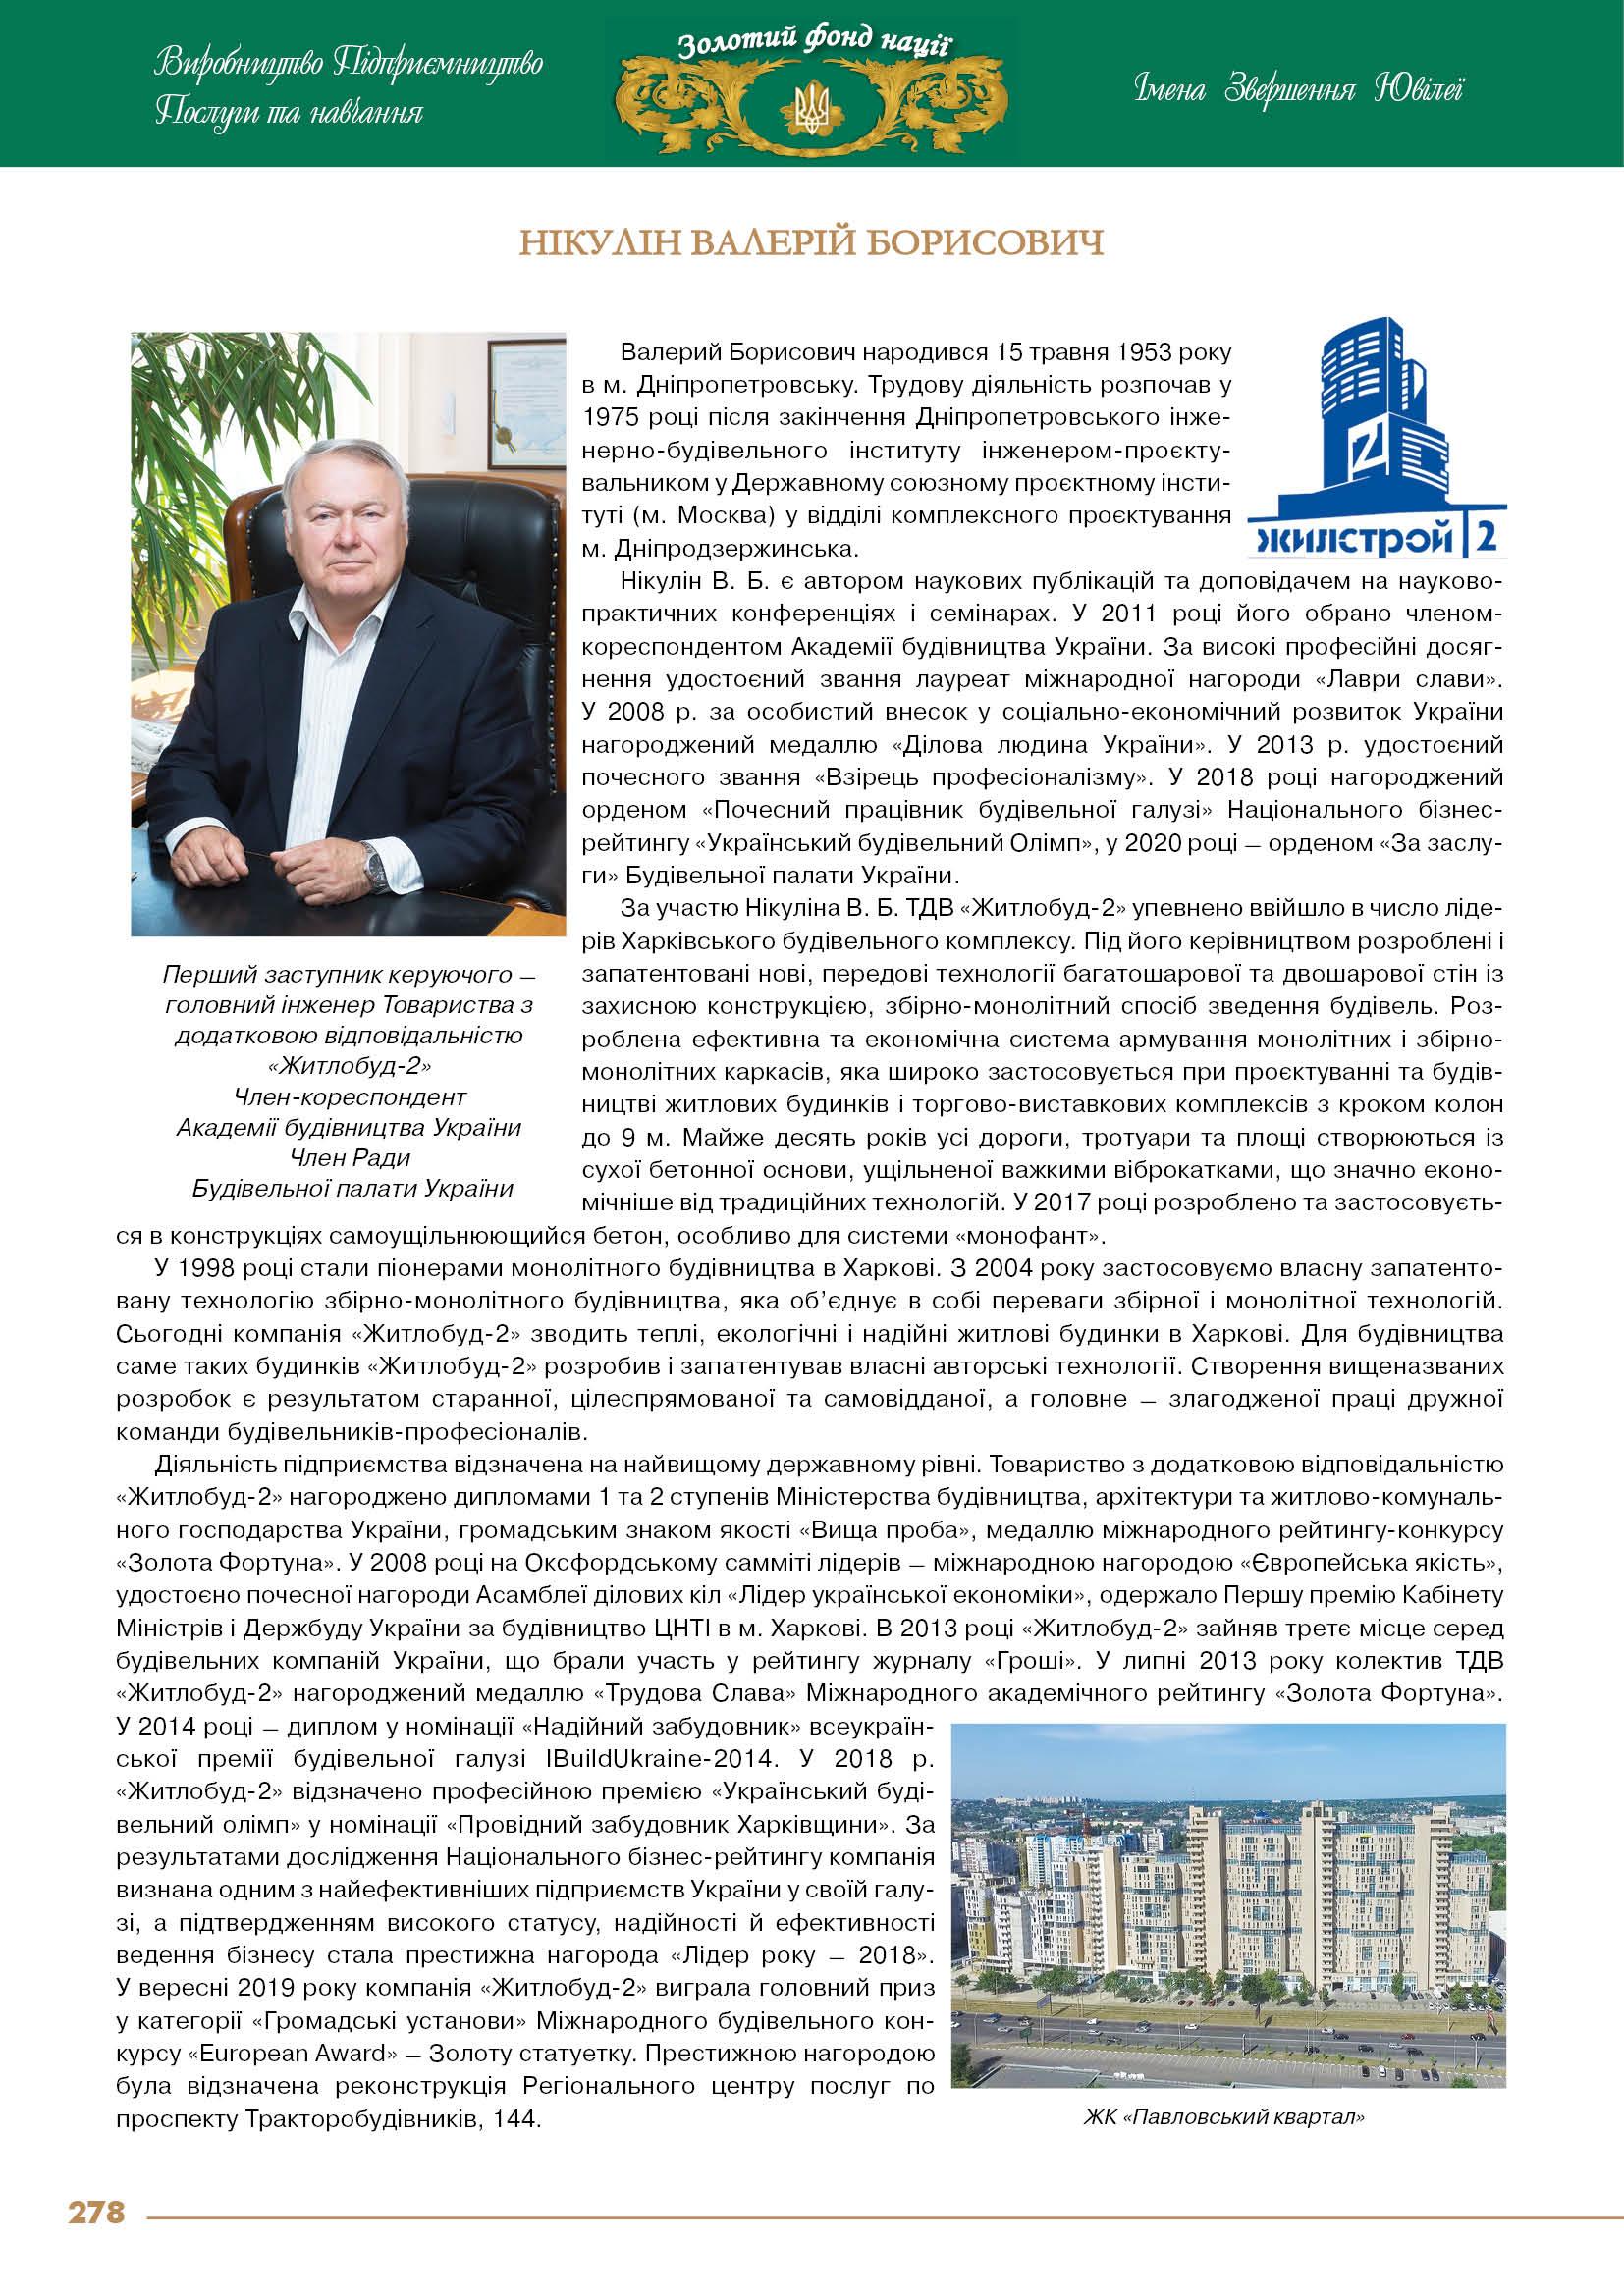 Нікулін Валерій Борисович